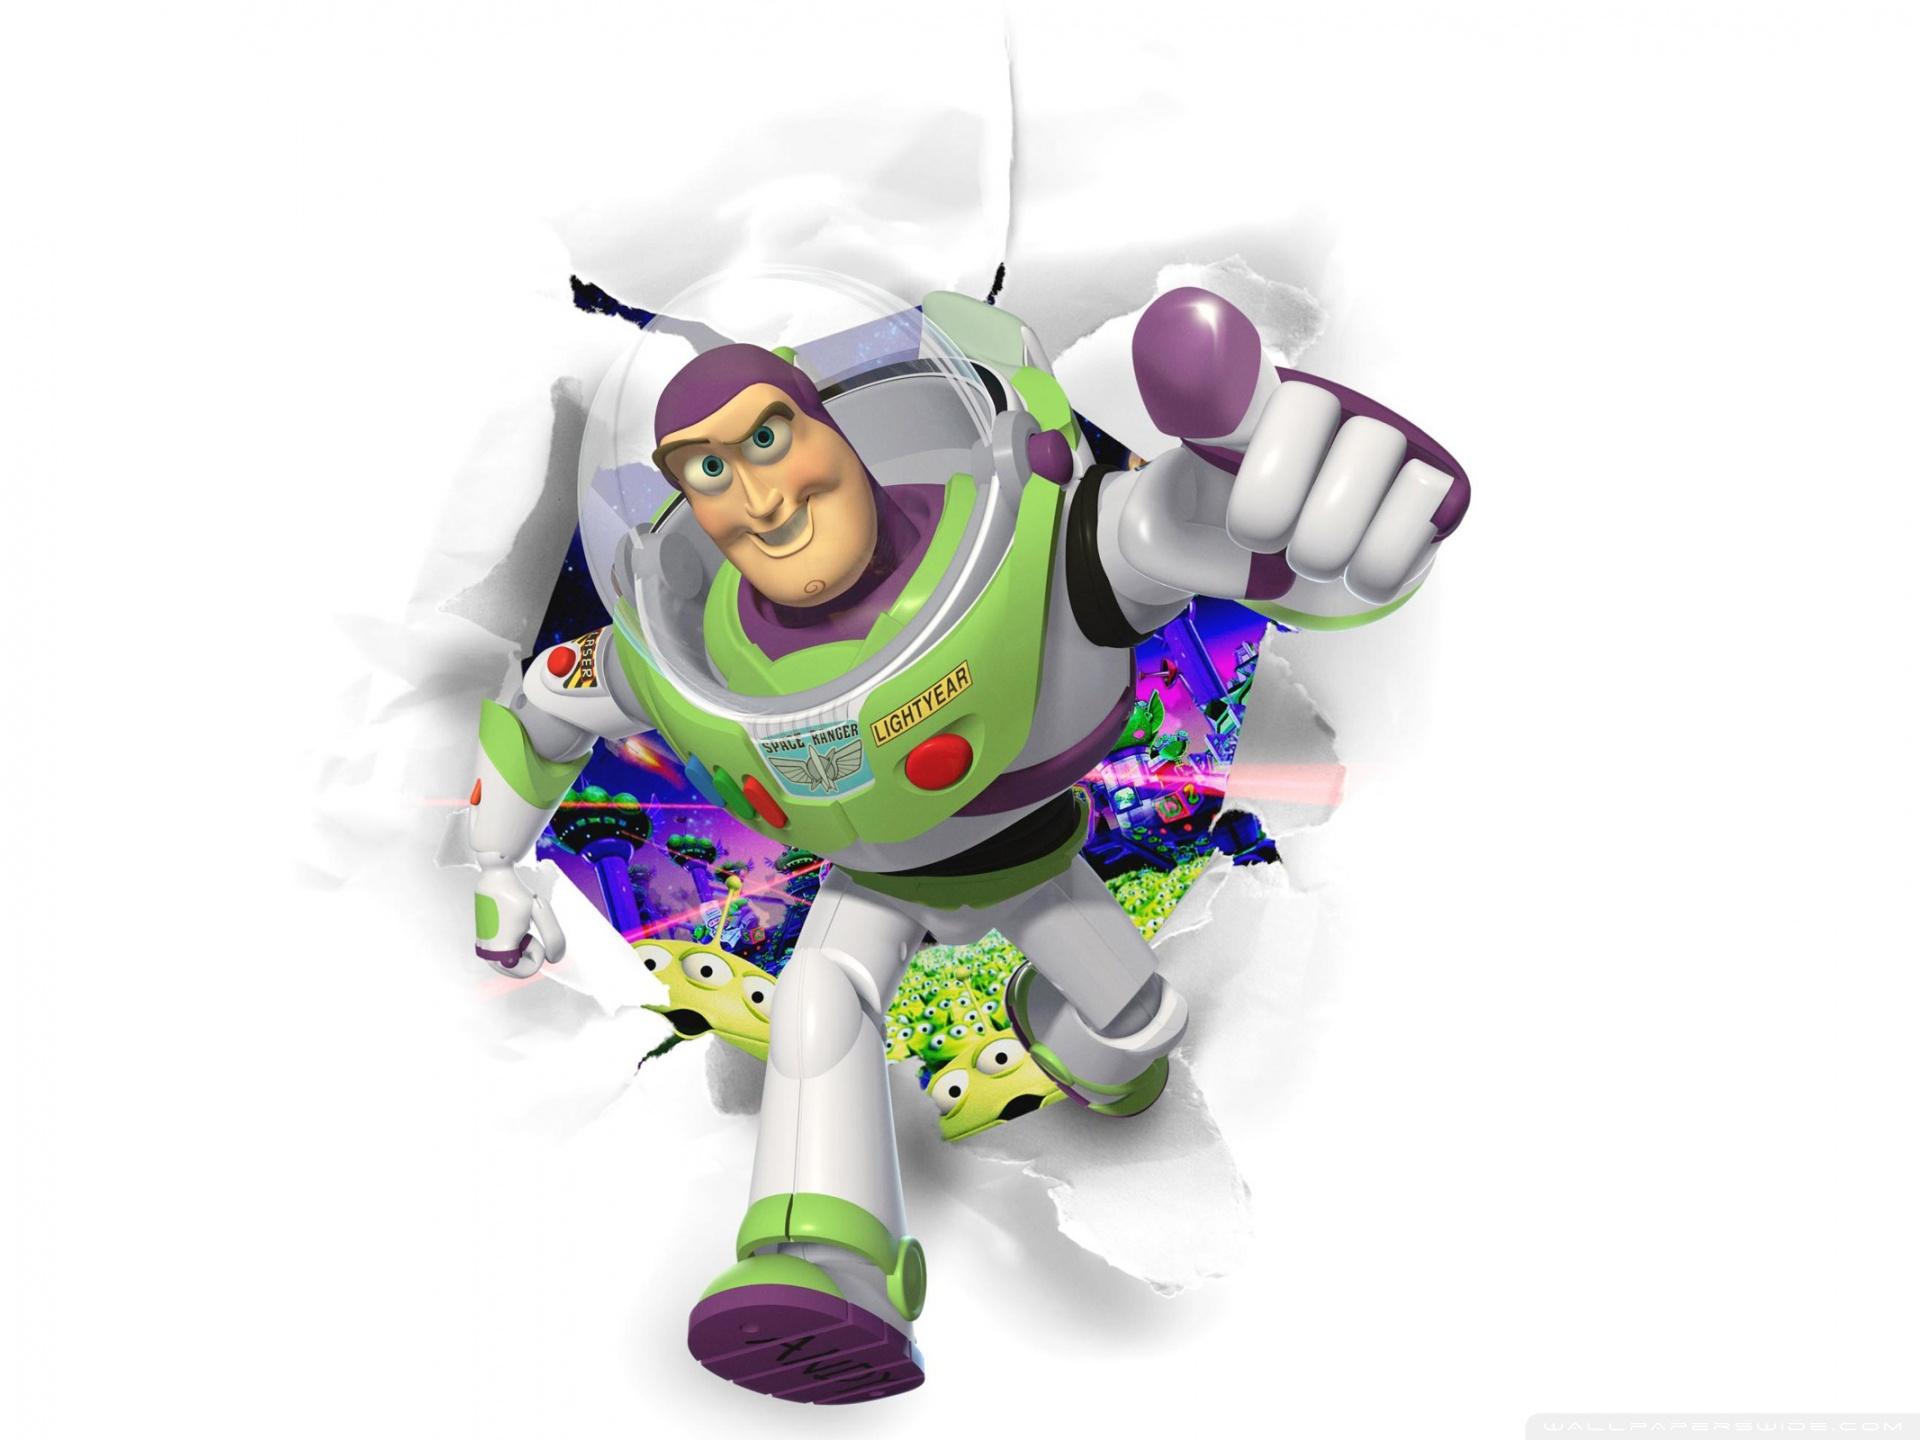 Toy Story Buzz Lightyear 4k Hd Desktop Wallpaper For 4k